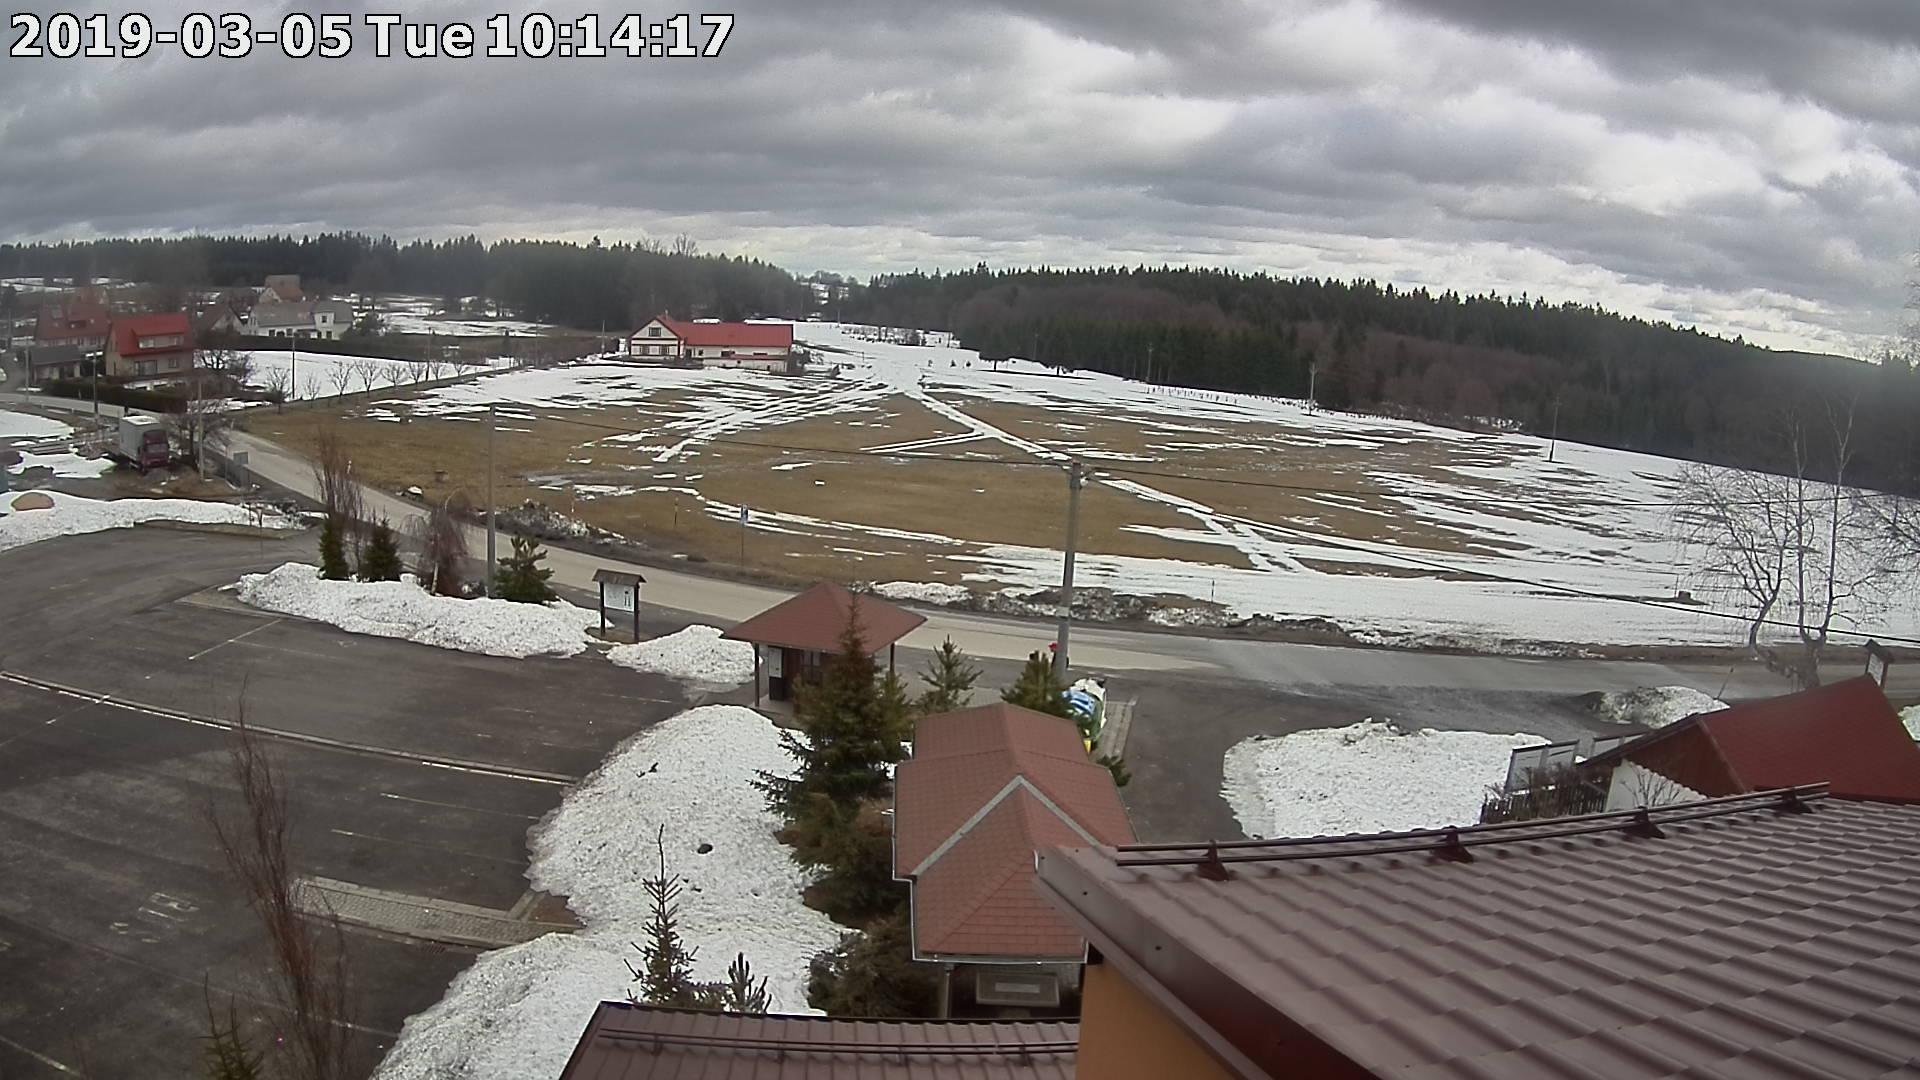 Webkamera ze dne 2019-03-05